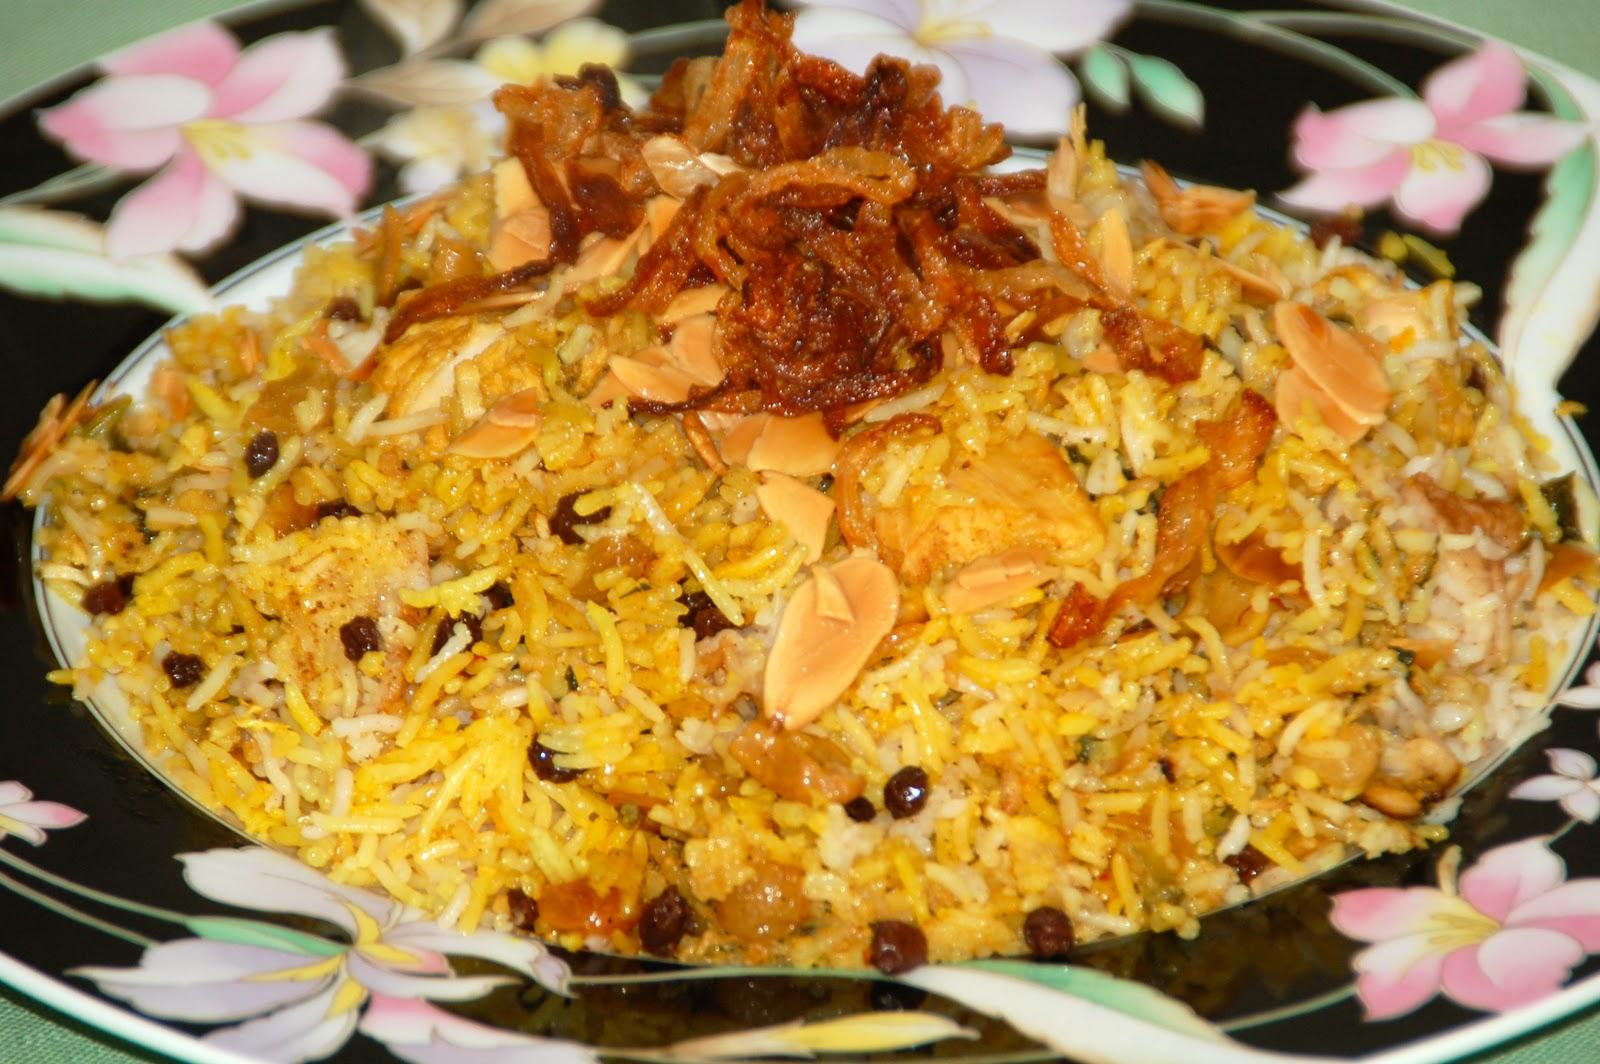 وصفة سمك الهامور علي الطريقة الخليجية للافطار في رمضان